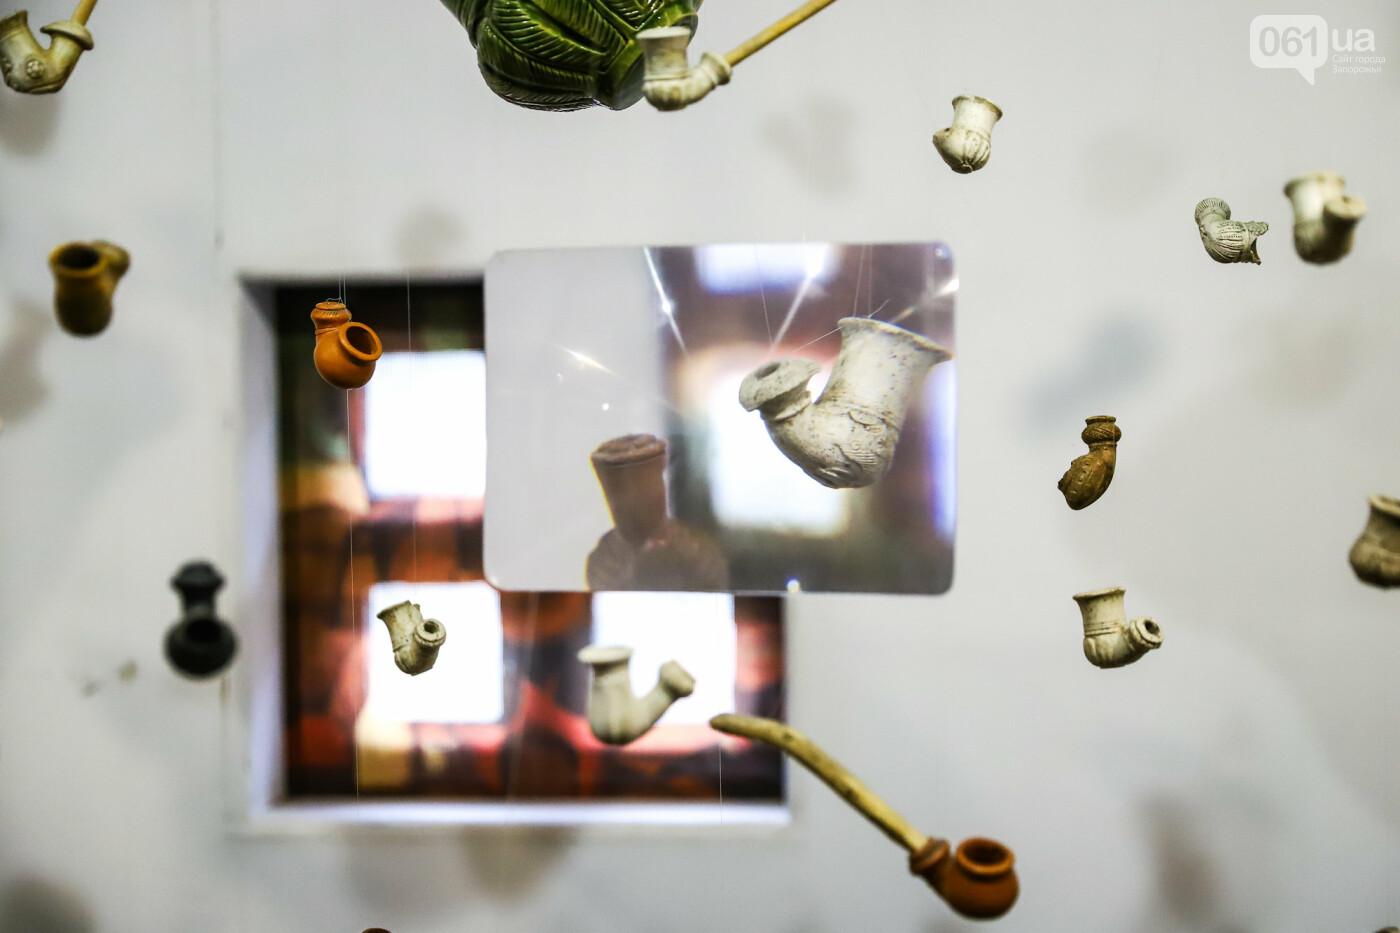 На Запорожской Сечи пополнилась уникальная коллекция казацких люлек: что курили казаки и о чем может рассказать трубка, фото-9